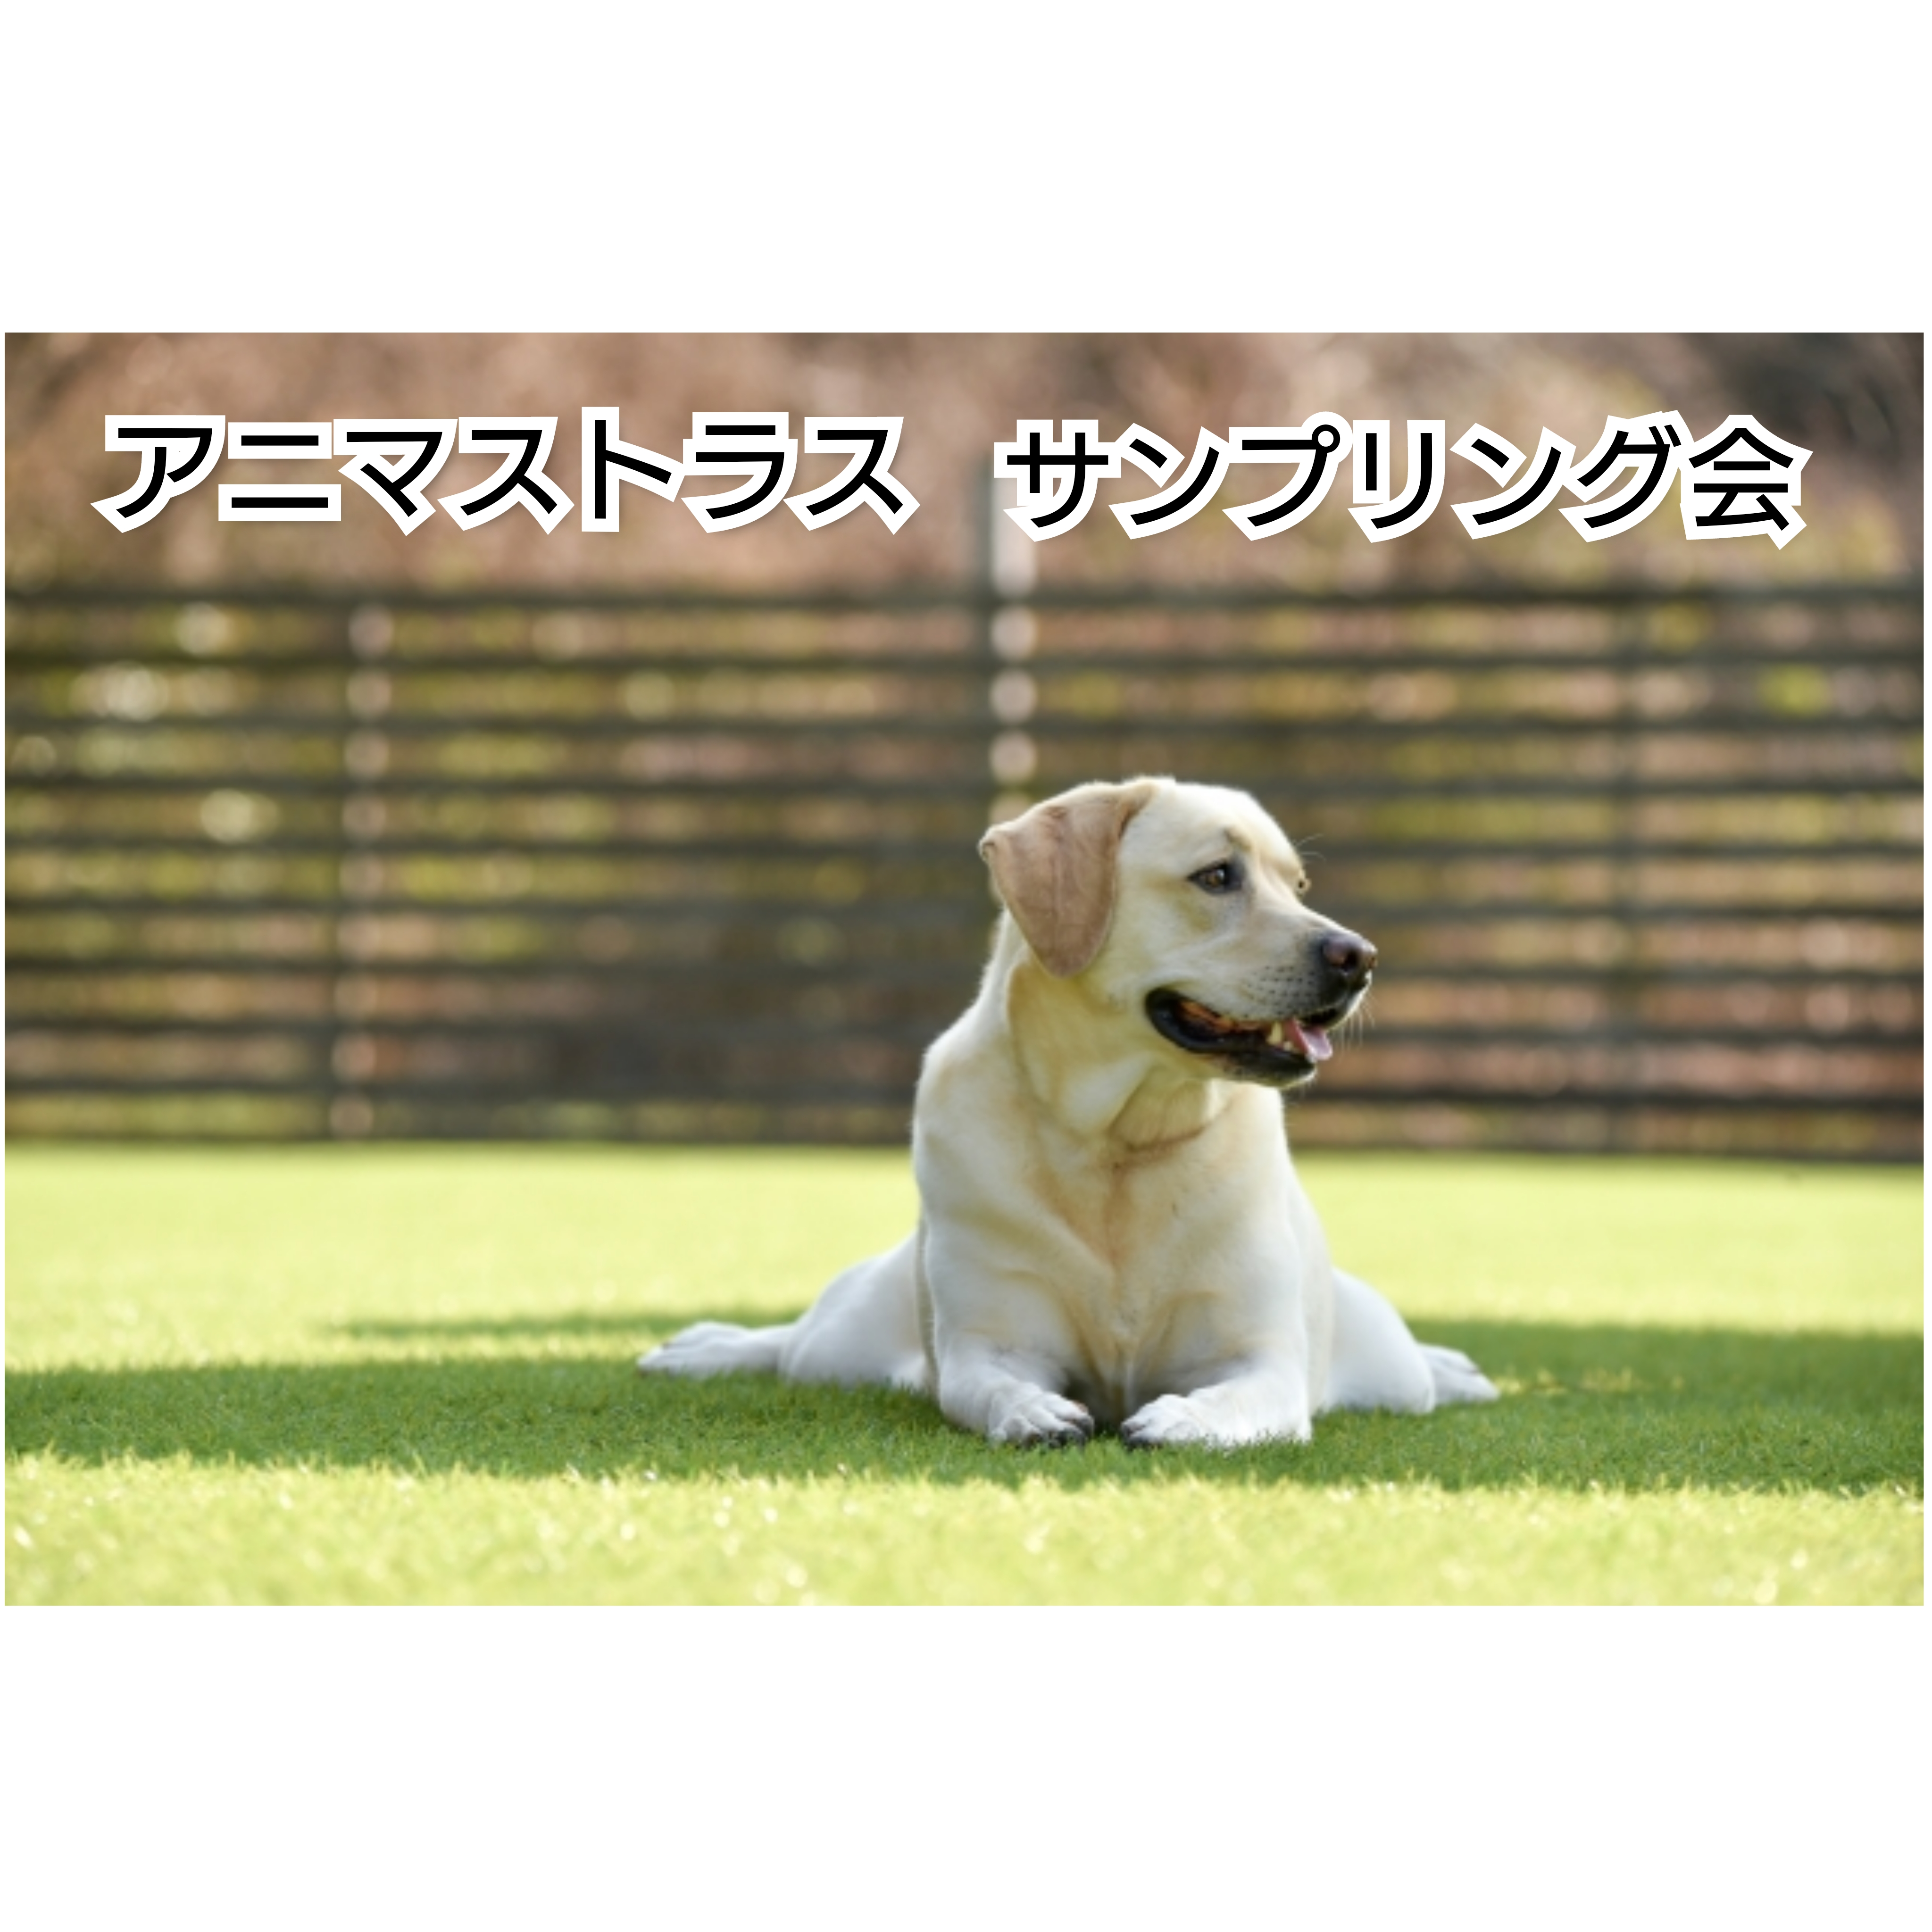 2021/4/8 宝塚 アニマストラスサンプリング会